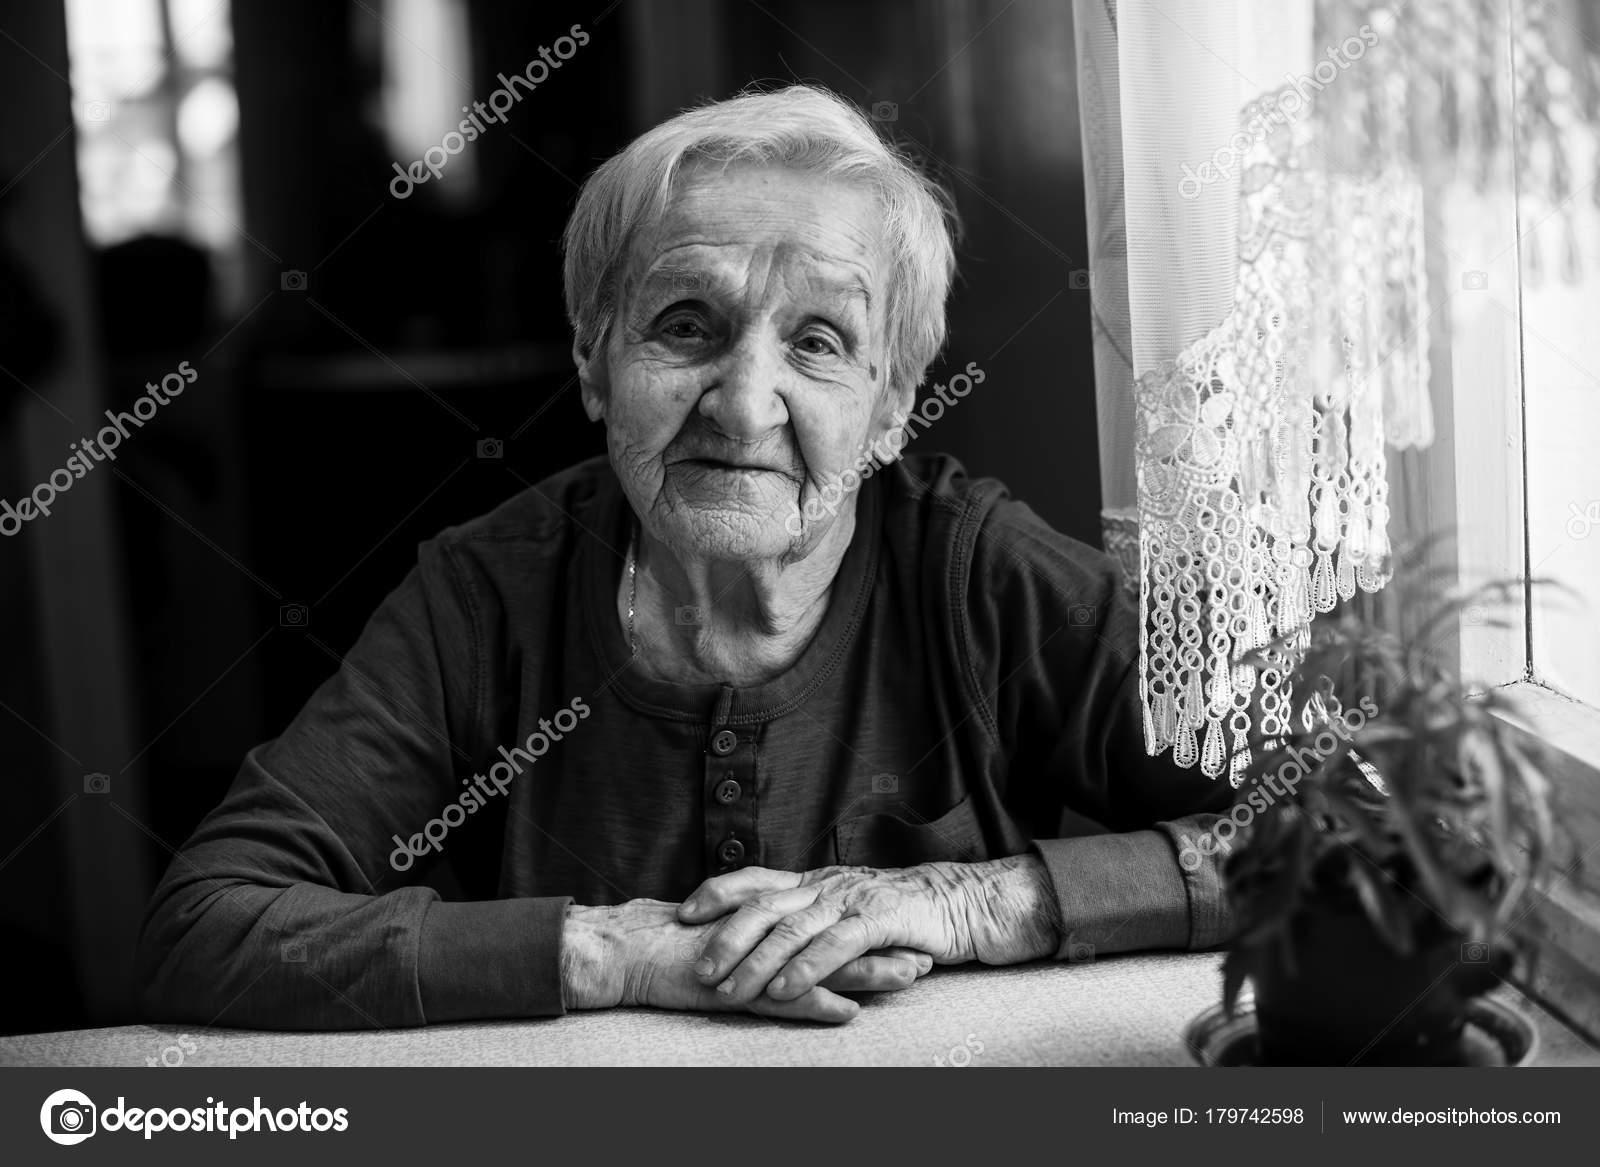 66ef931c29 Egy Idős Asszony Éves Fekete Fehér Portré — Stock Fotó © dimaberkut ...